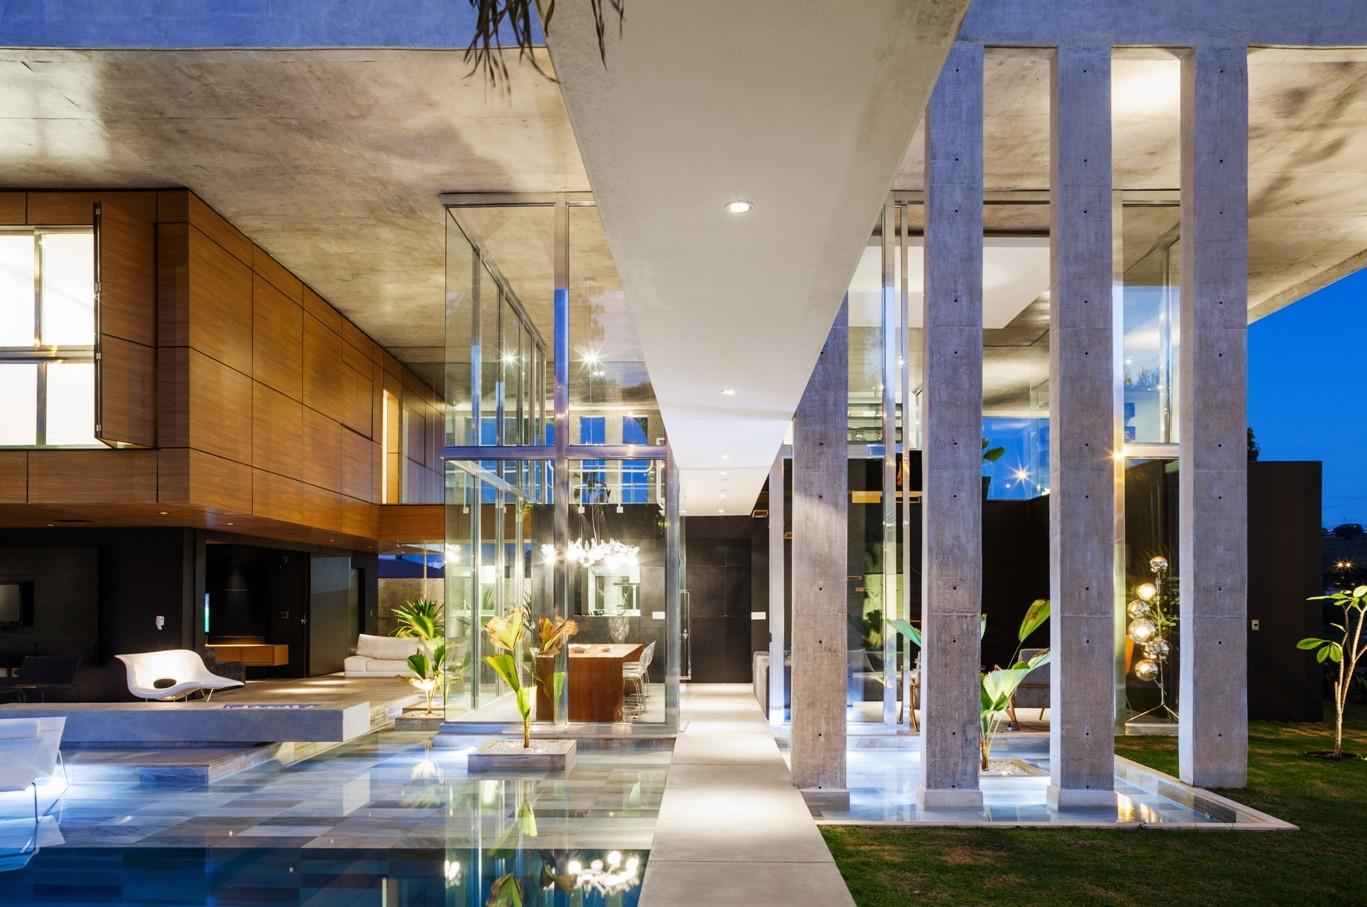 Casa Botucatu / FGMF Arquitetos, © Rafaela Netto